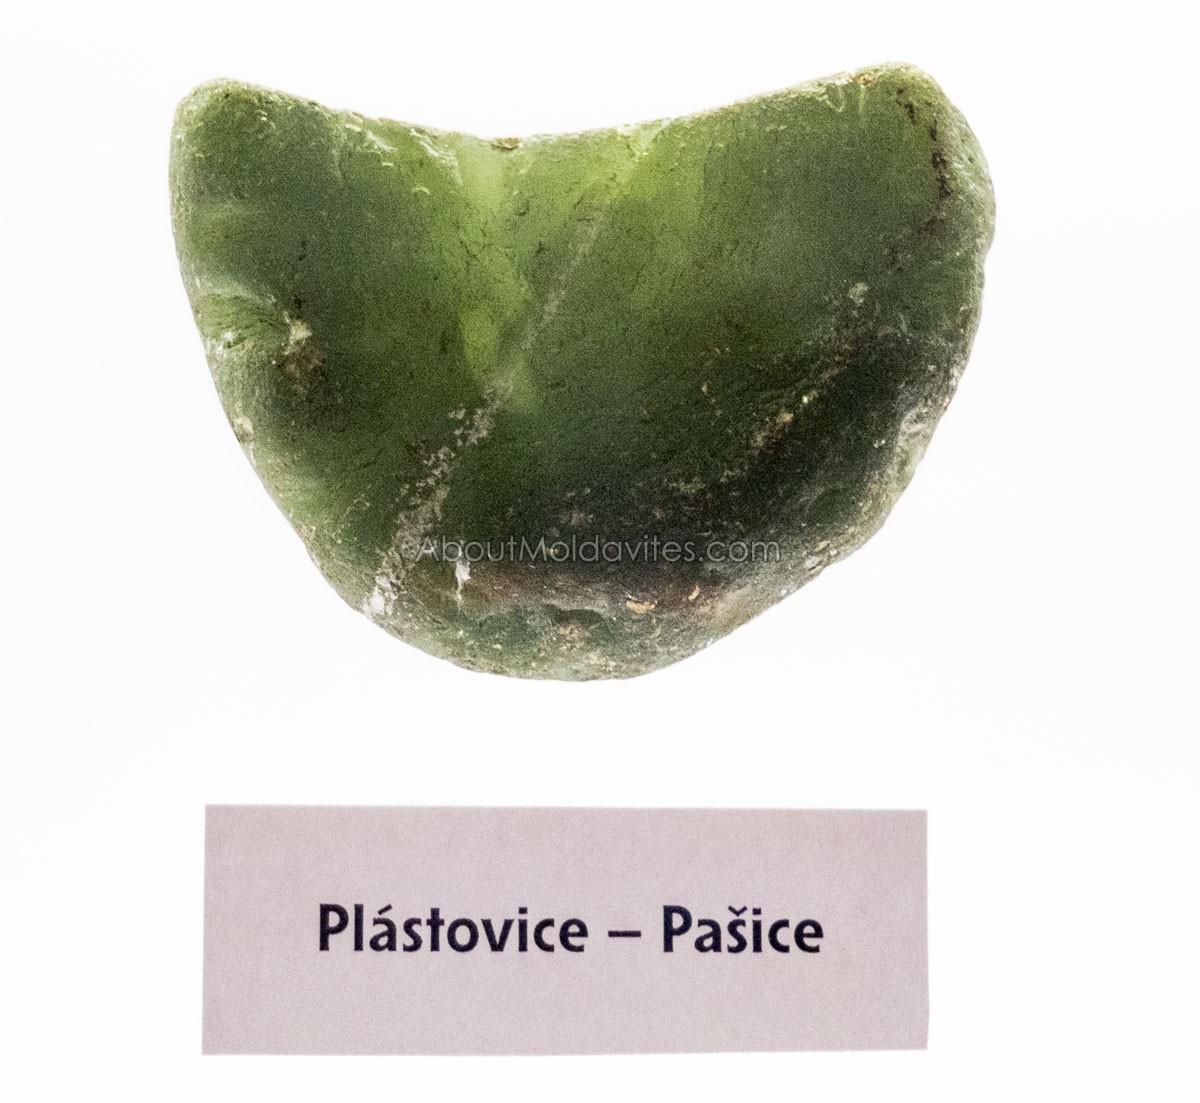 Moldavite with size like a palm